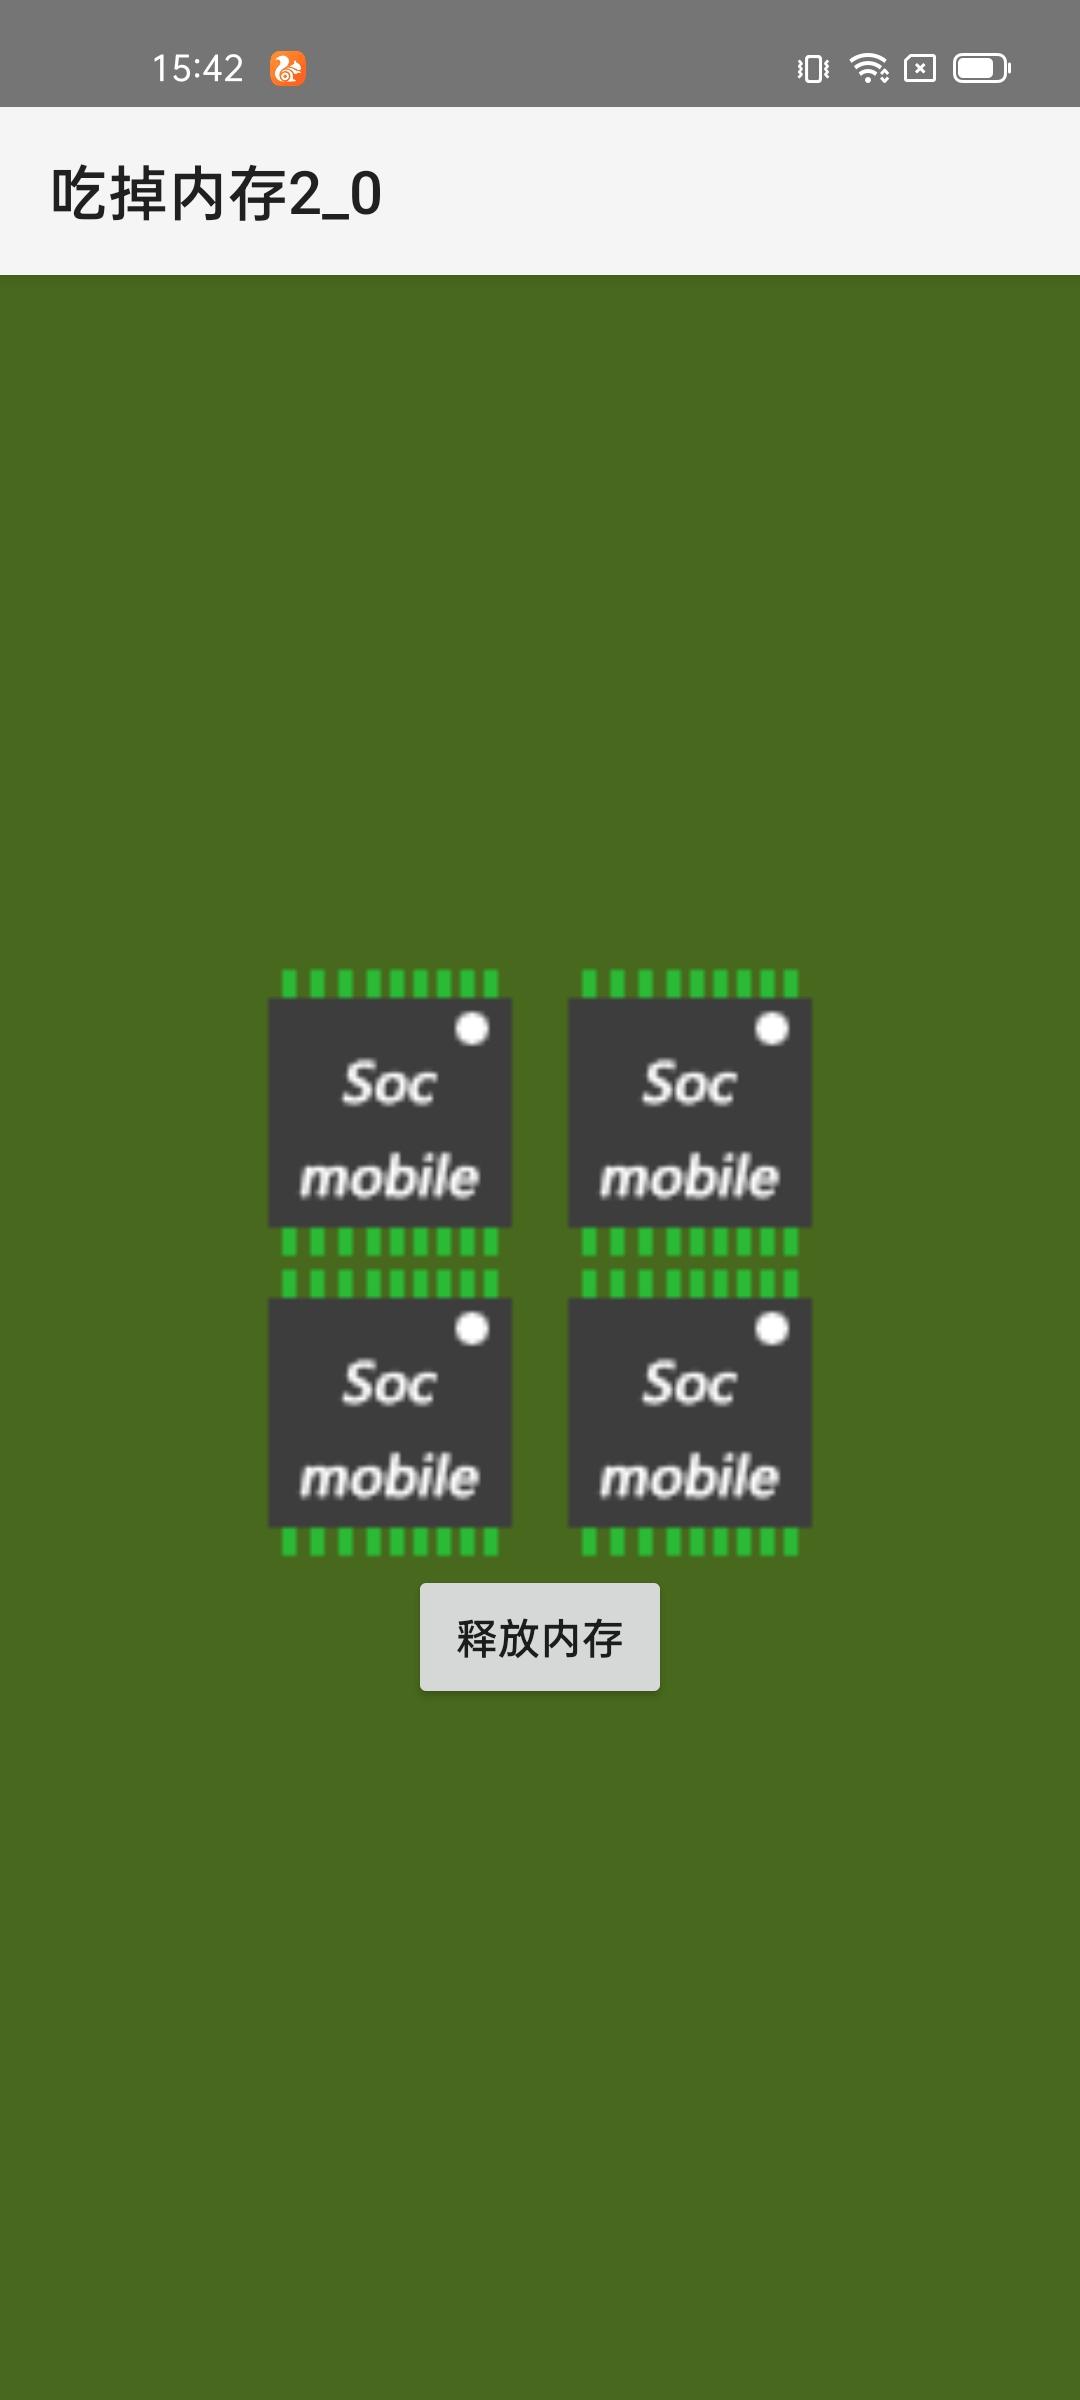 天顺平台开户-首页【1.1.1】  第3张